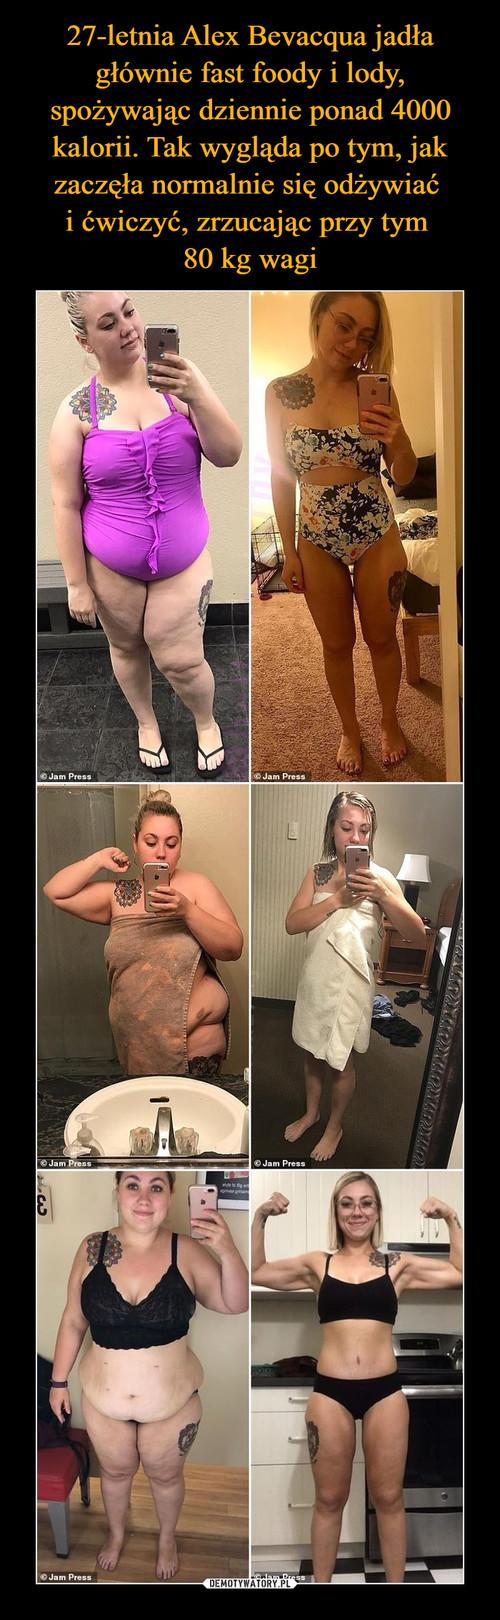 27-letnia Alex Bevacqua jadła głównie fast foody i lody, spożywając dziennie ponad 4000 kalorii. Tak wygląda po tym, jak zaczęła normalnie się odżywiać  i ćwiczyć, zrzucając przy tym  80 kg wagi